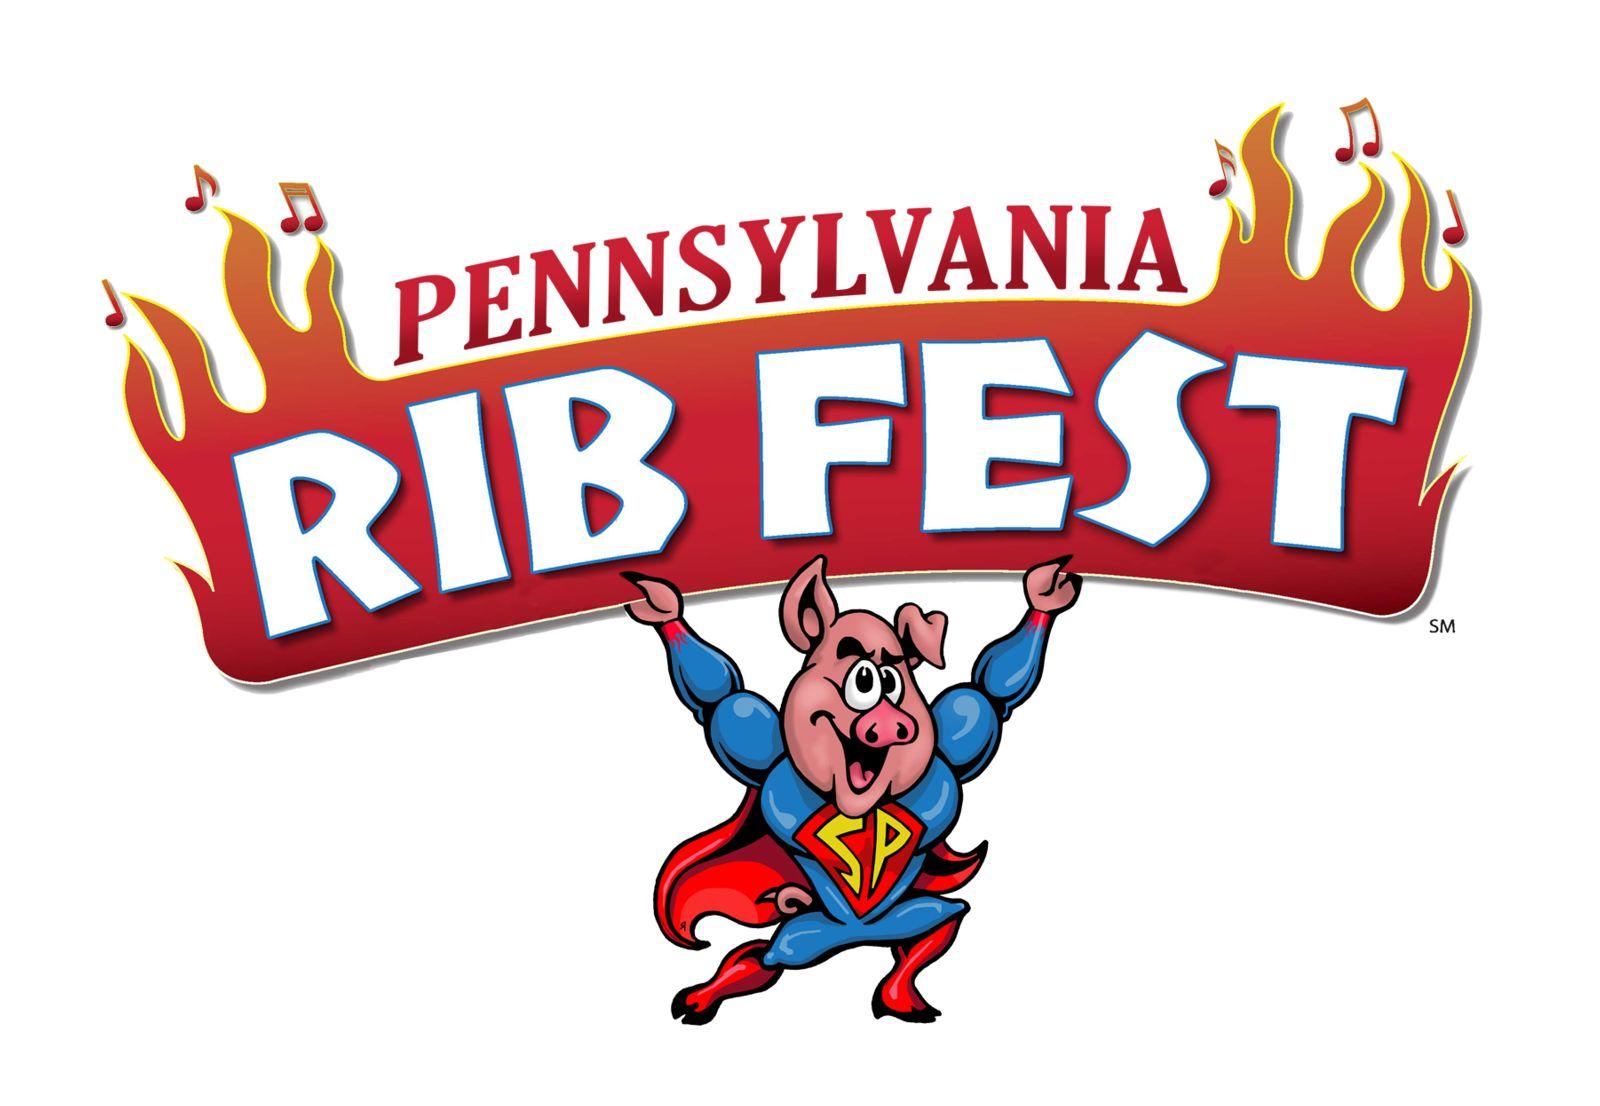 Event: Pennsylvania RibFest - June 24-26, 2016